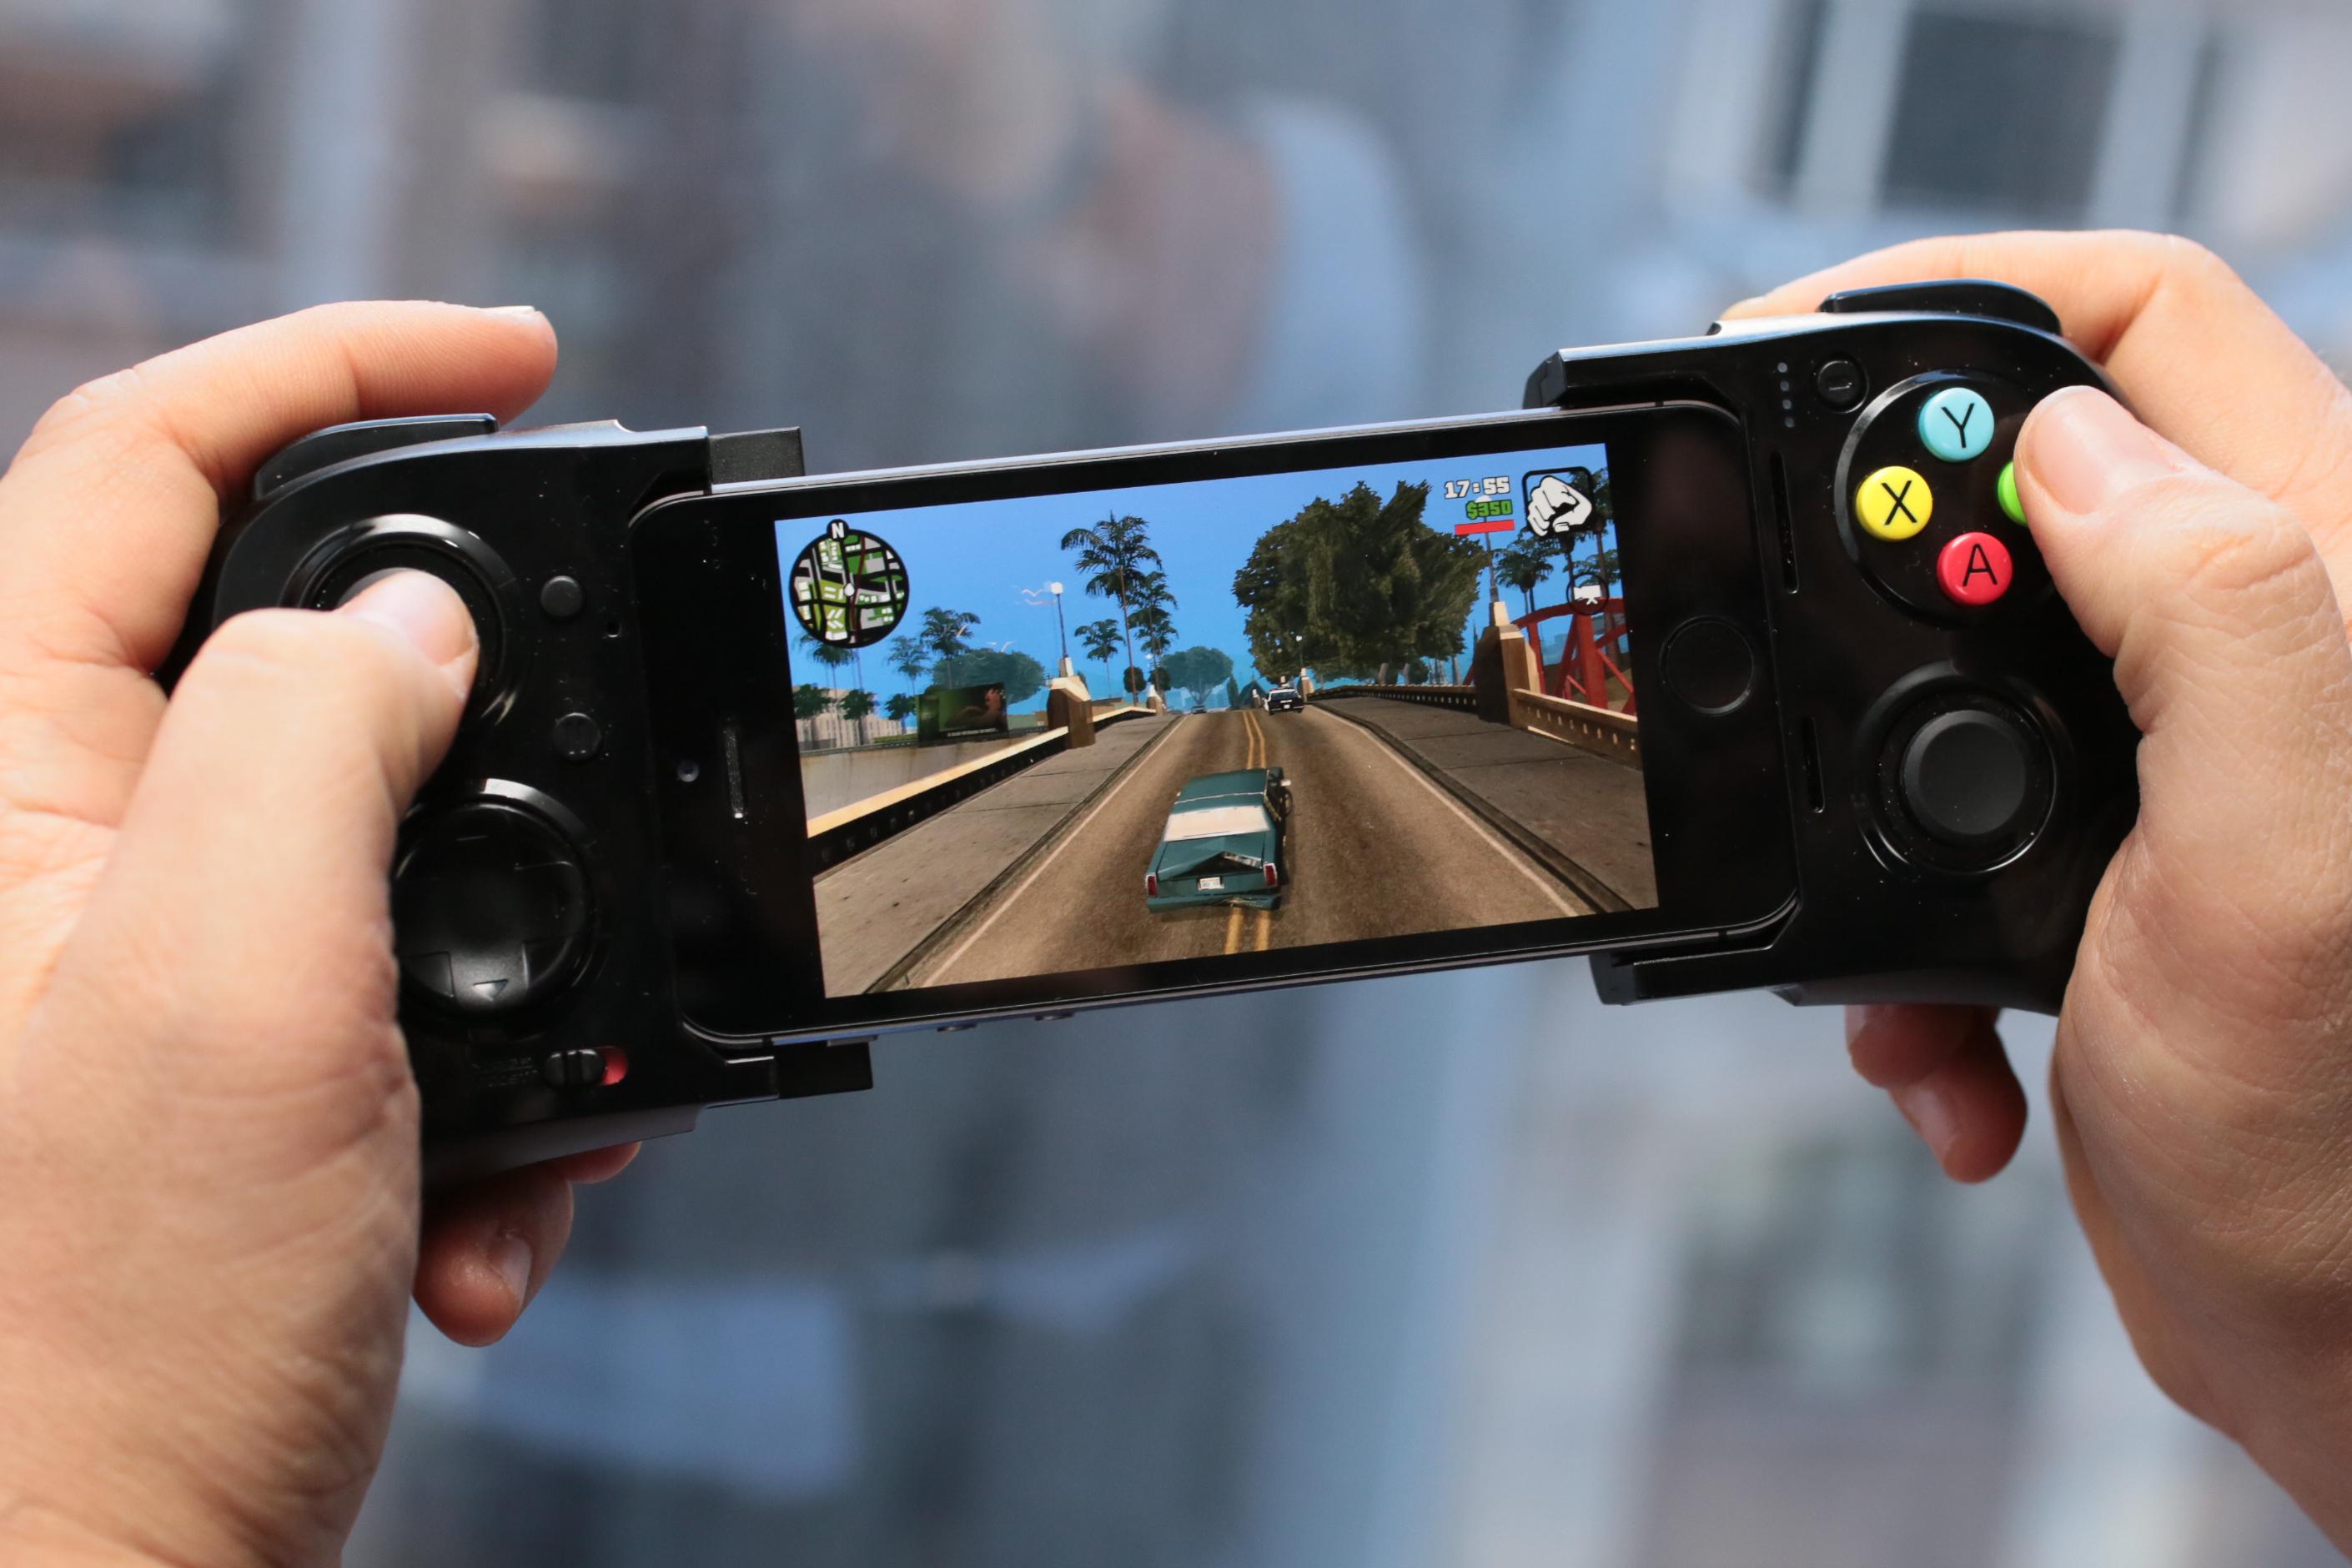 Ликуйте геймеры, первый игровой iOS контроллер уже в продаже!